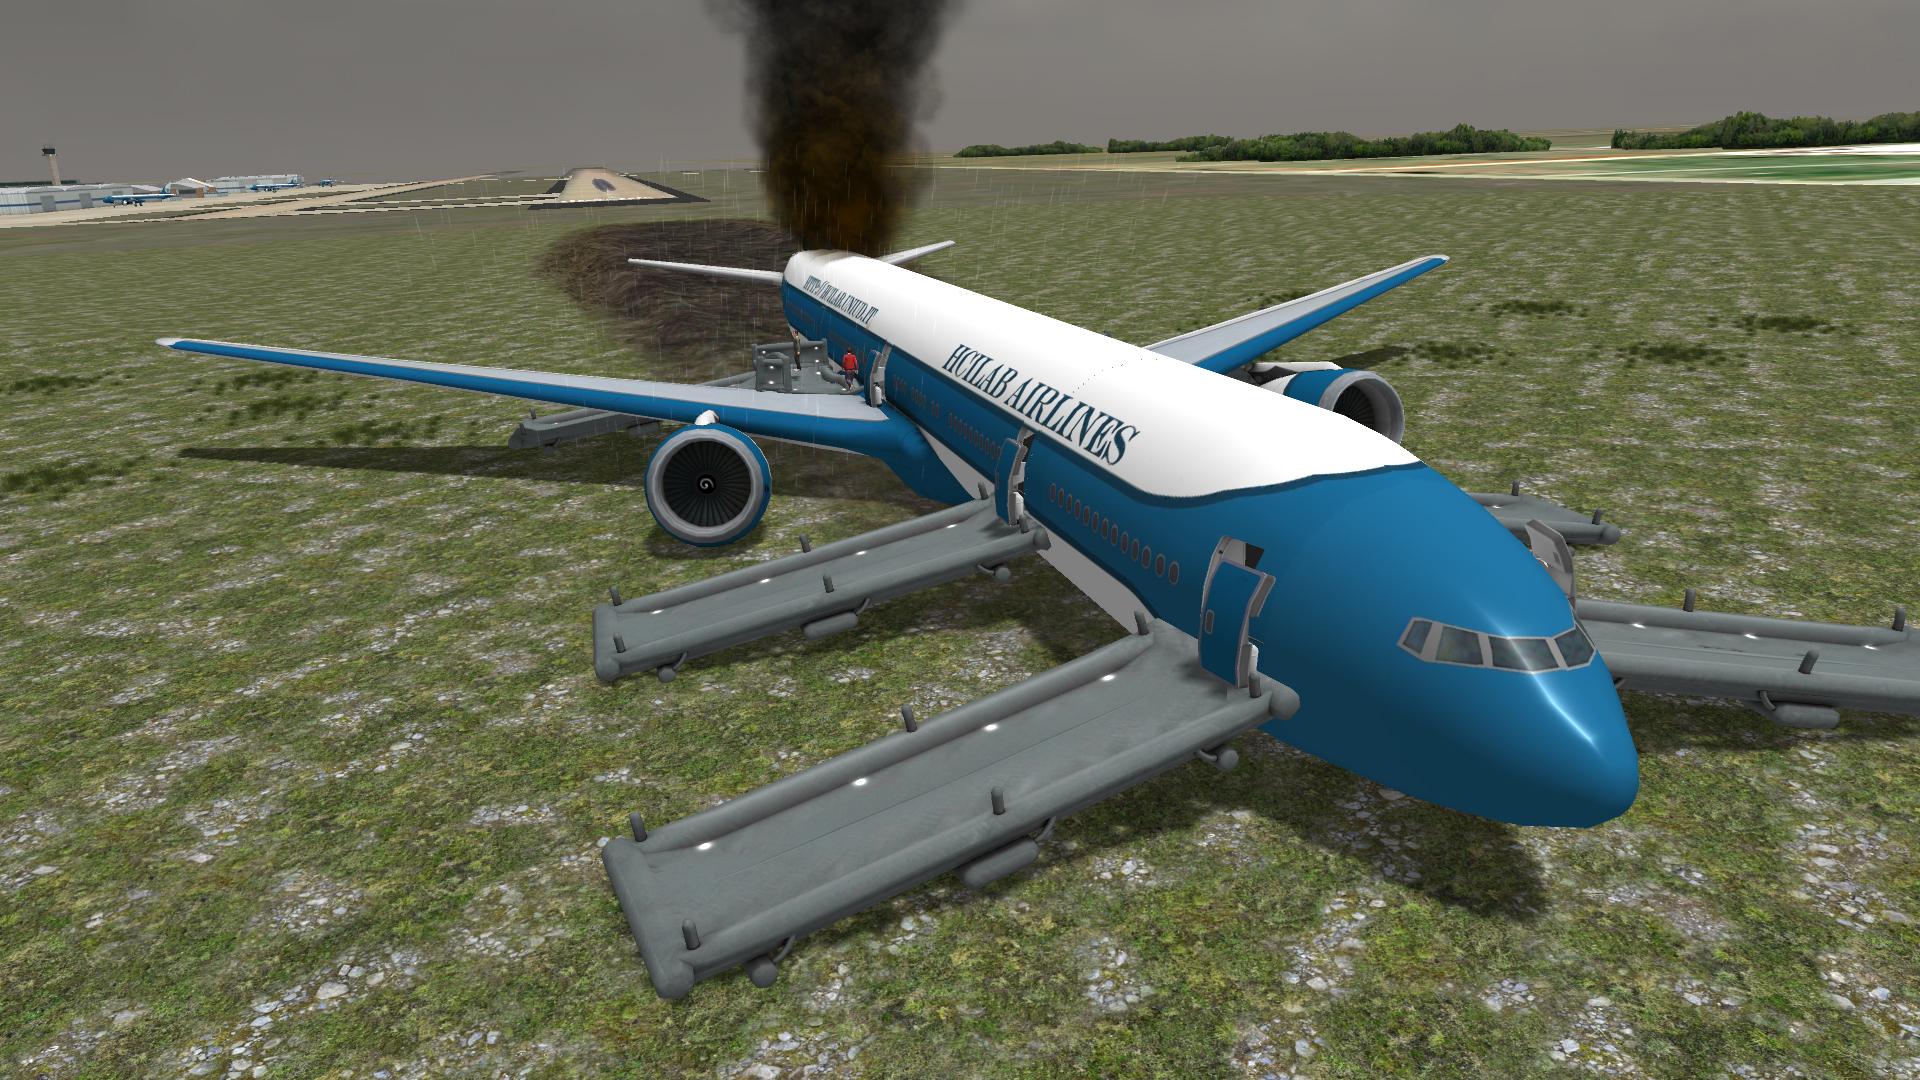 repülés közbeni alkalmazásban vezető online társkereső csalások